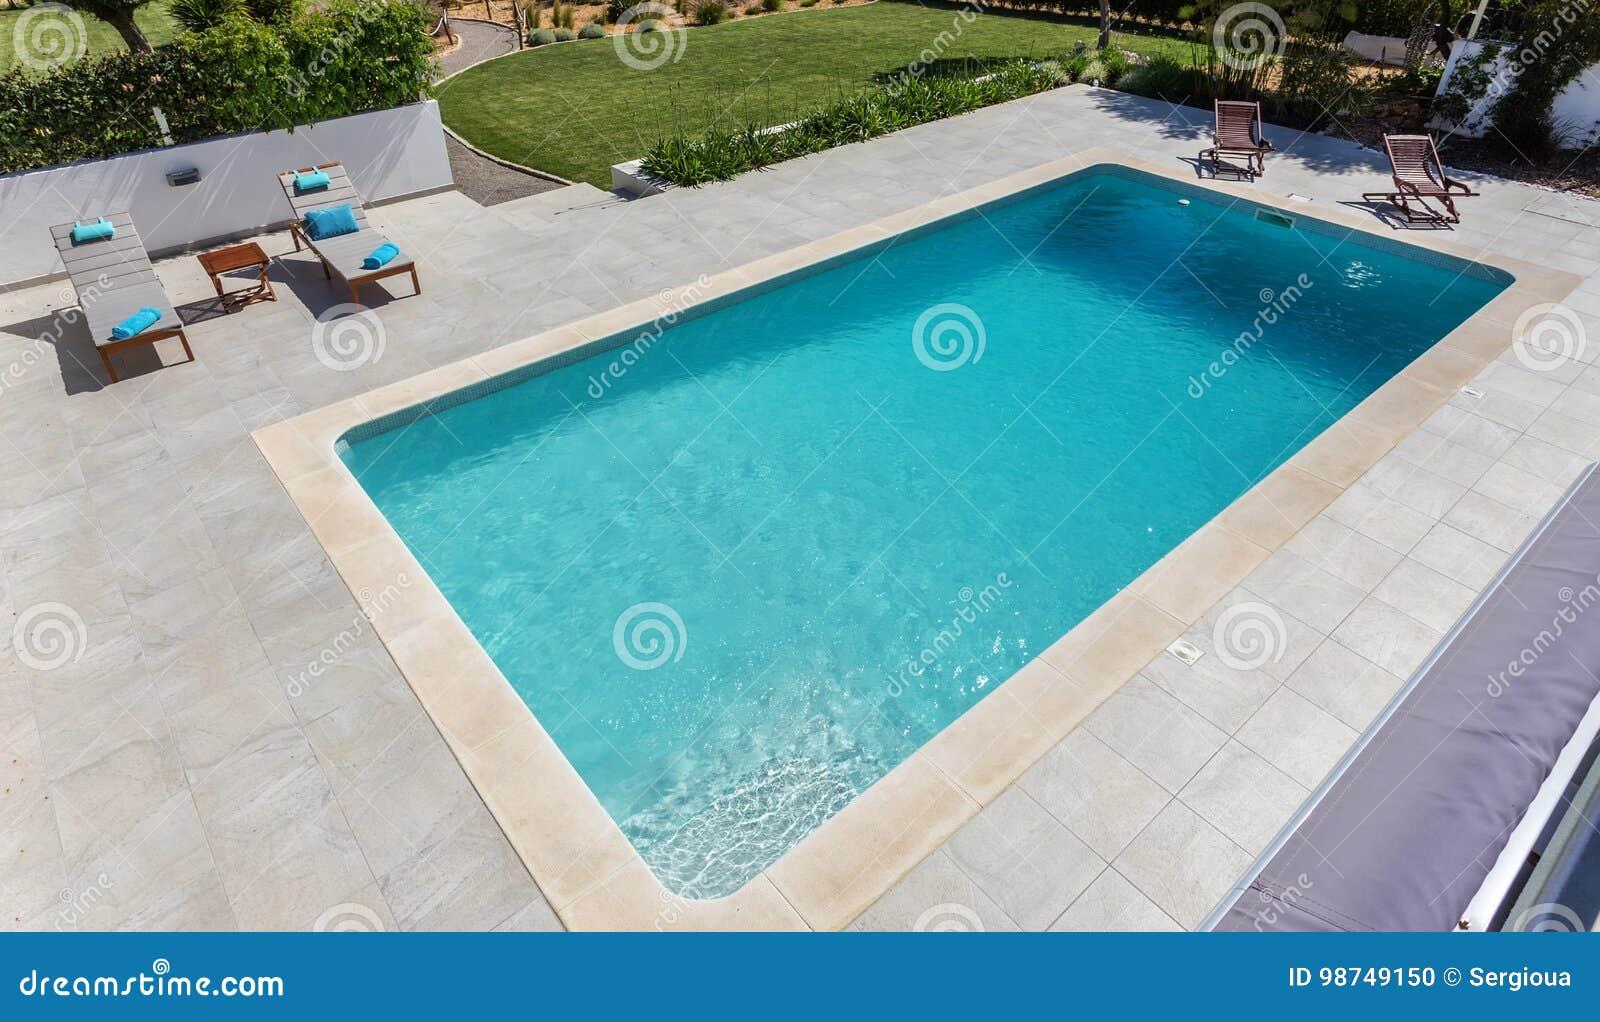 Moderner Swimmingpool Fur Touristen Im Garten Stockfoto Bild Von